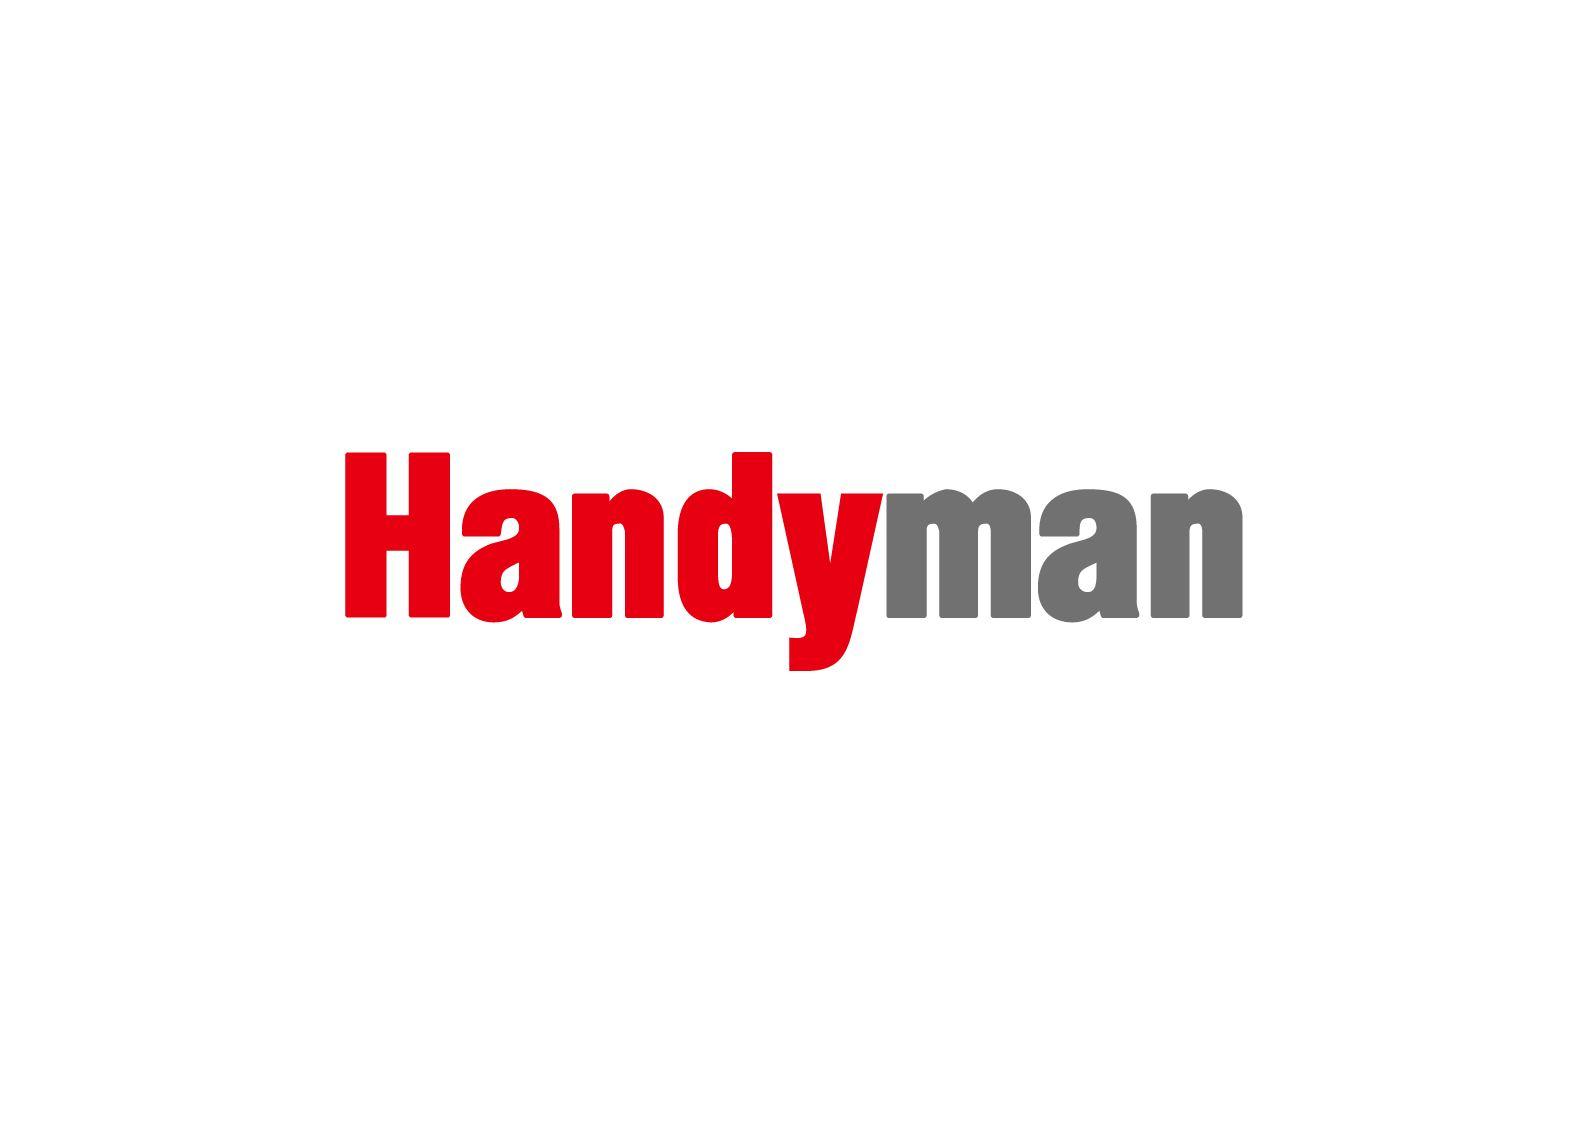 3/31まで Handyman  キッチン・バス特価キャンペーン実施中!